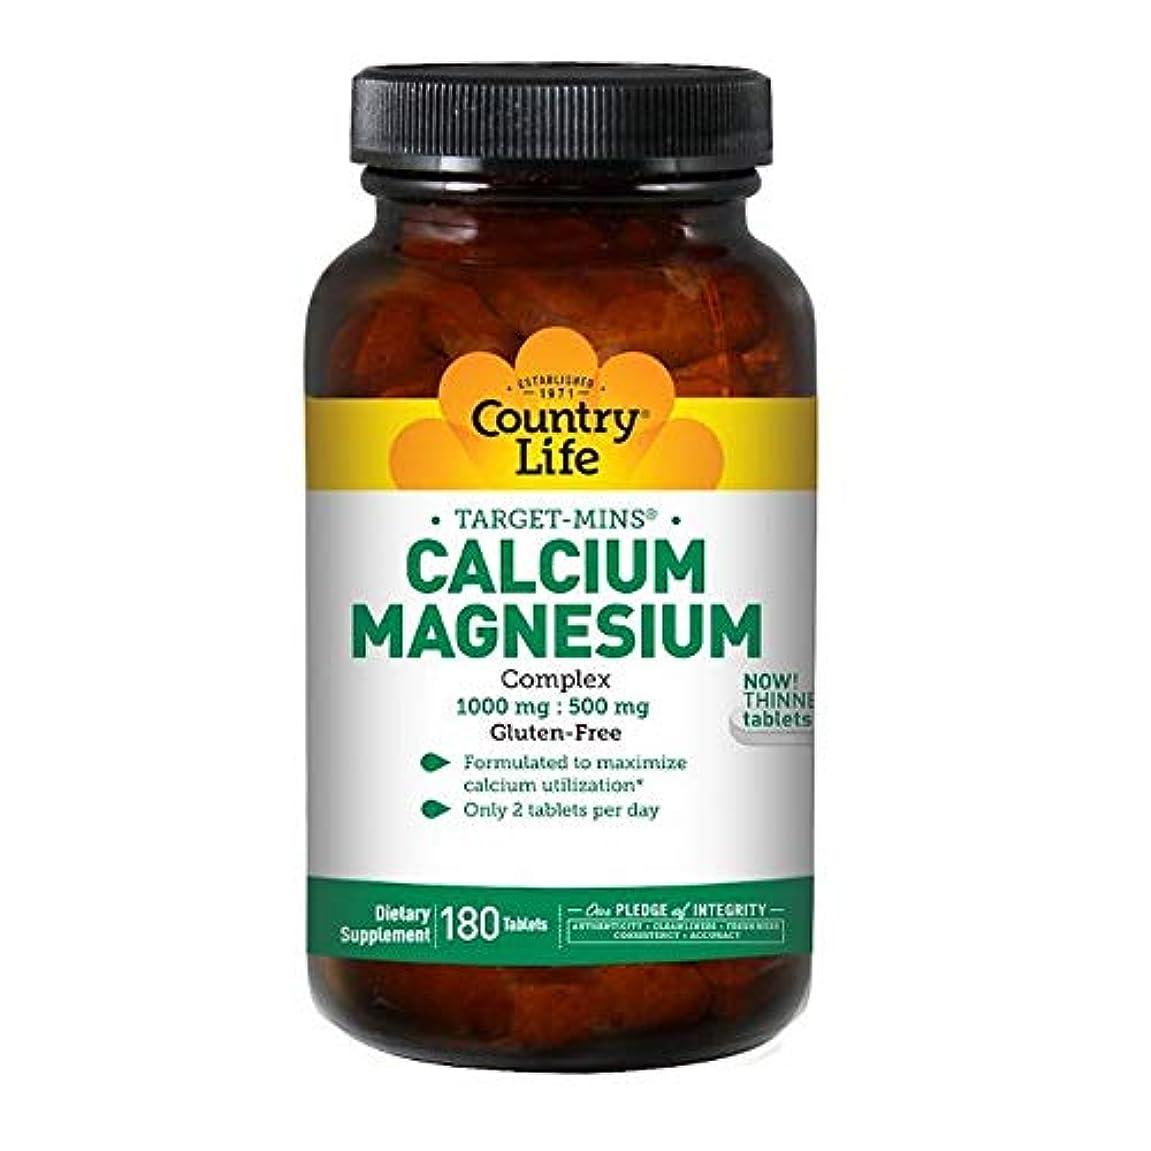 給料問い合わせるボトルネックCountry Life ターゲット ミネラル カルシウム マグネシウム 複合体 180錠 【アメリカ直送】